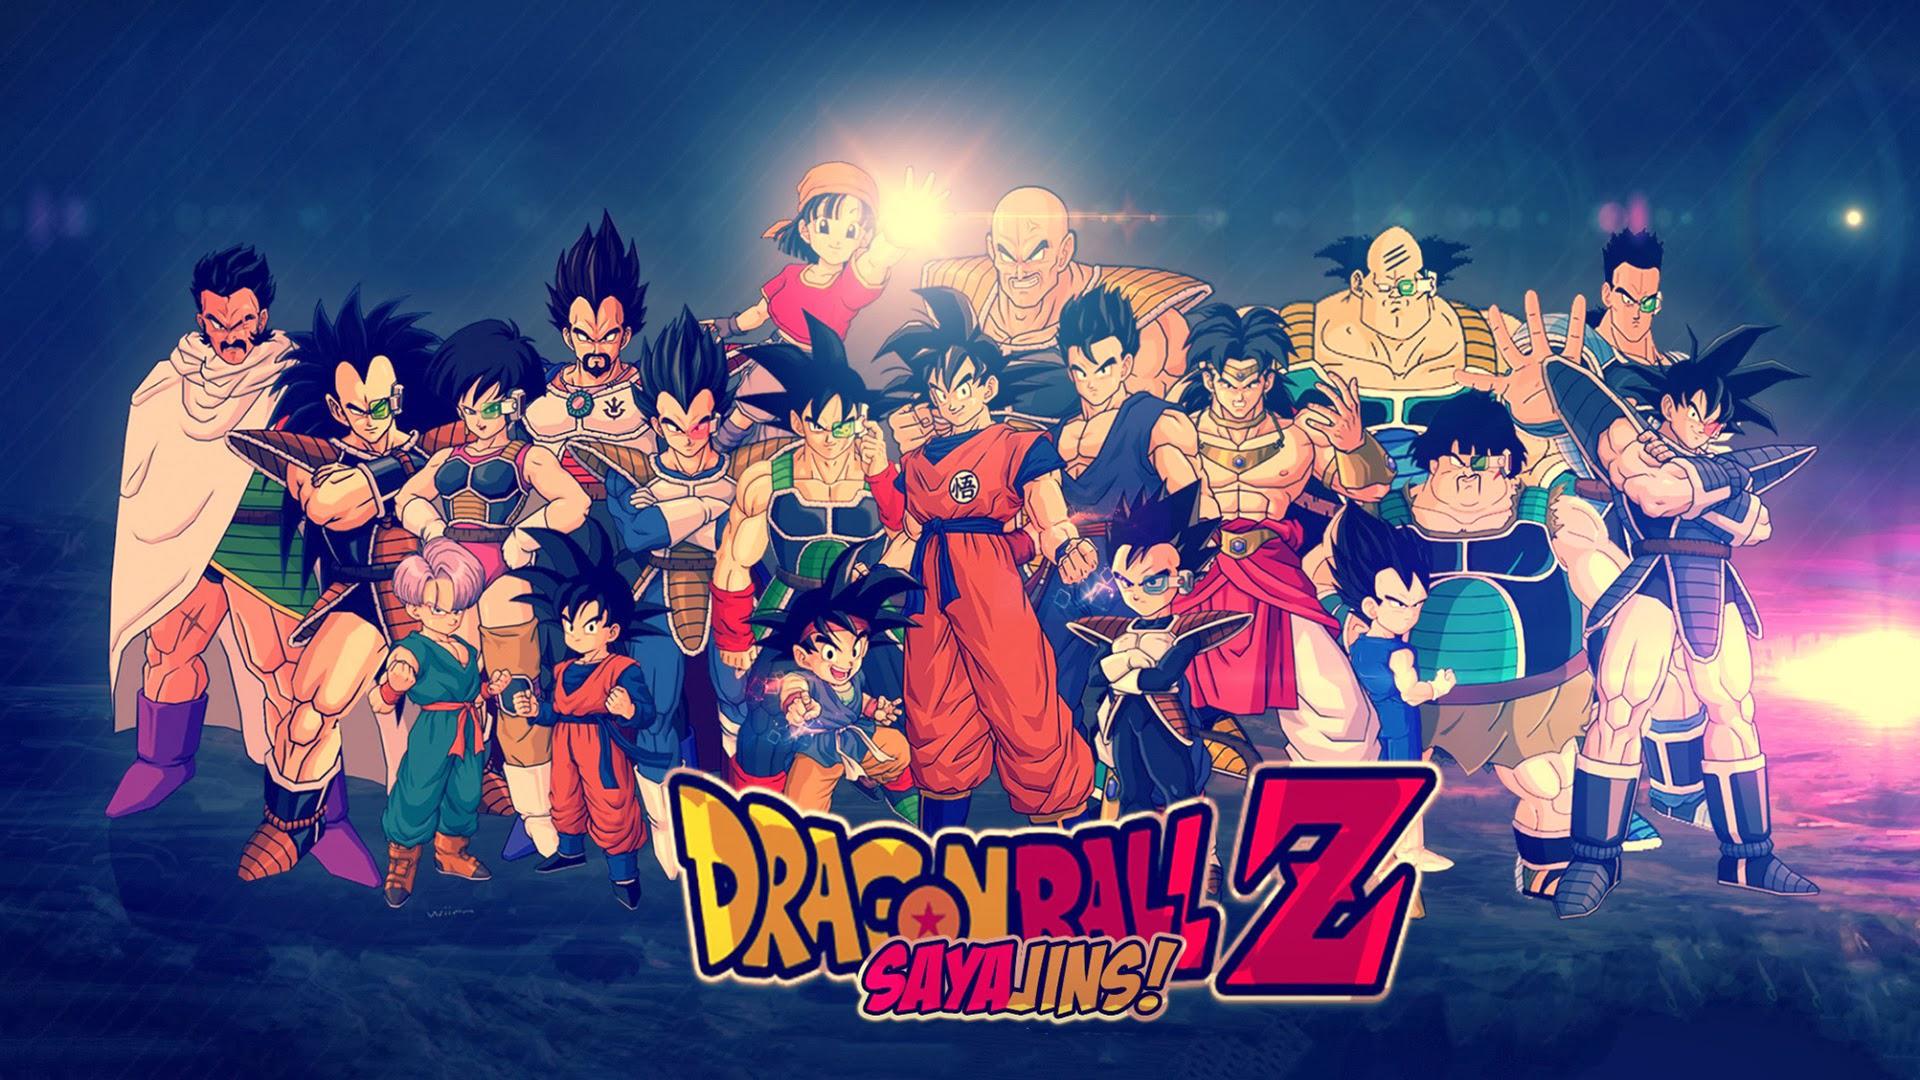 Bardock Dragon Ball Broly Dragon Ball Dragon Ball Z Goku Goten Dragon Ball Nappa Dragon Ball Trunks  1920x1080